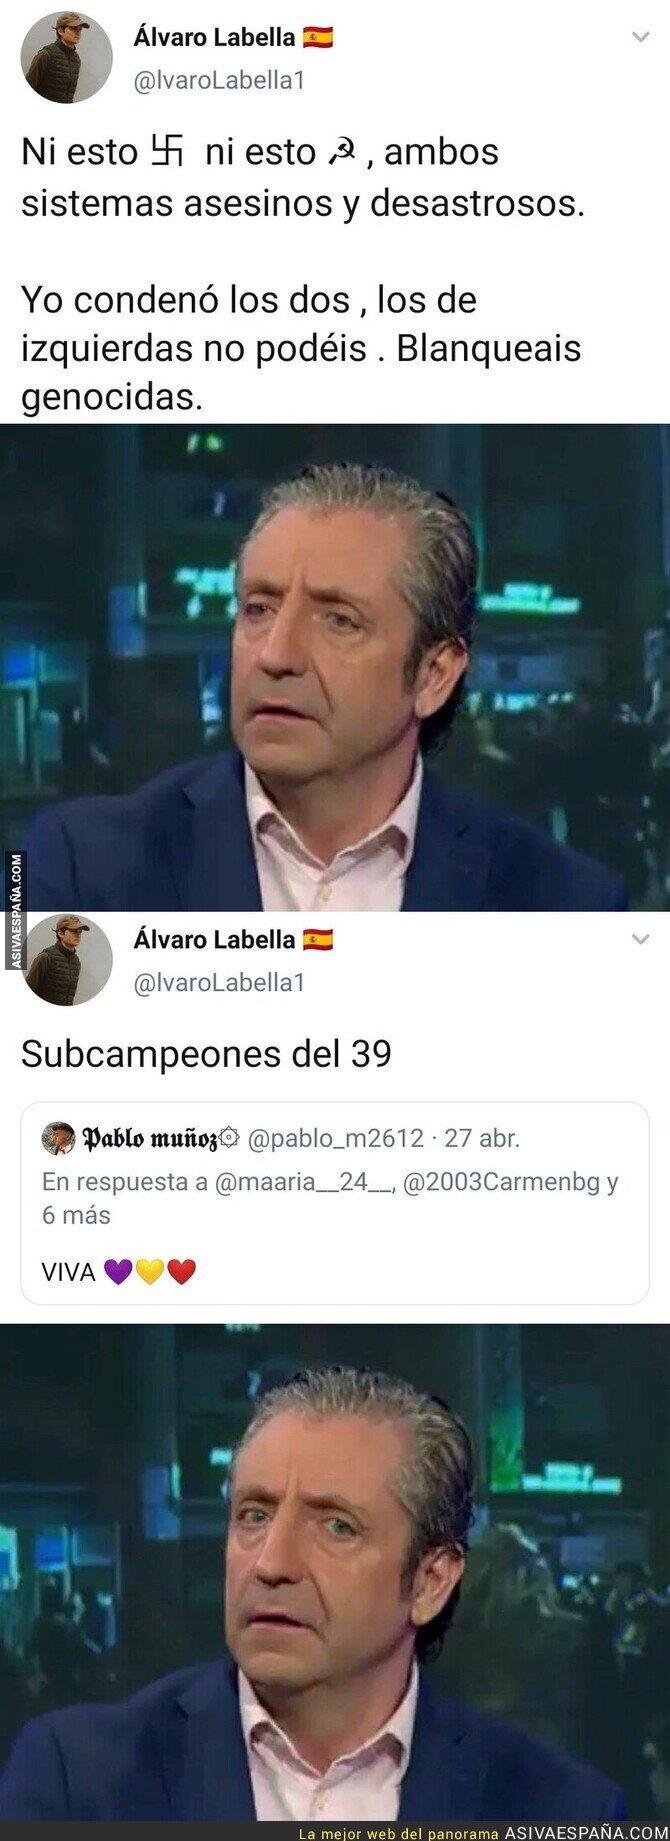 148134 - Álvaro el humilde